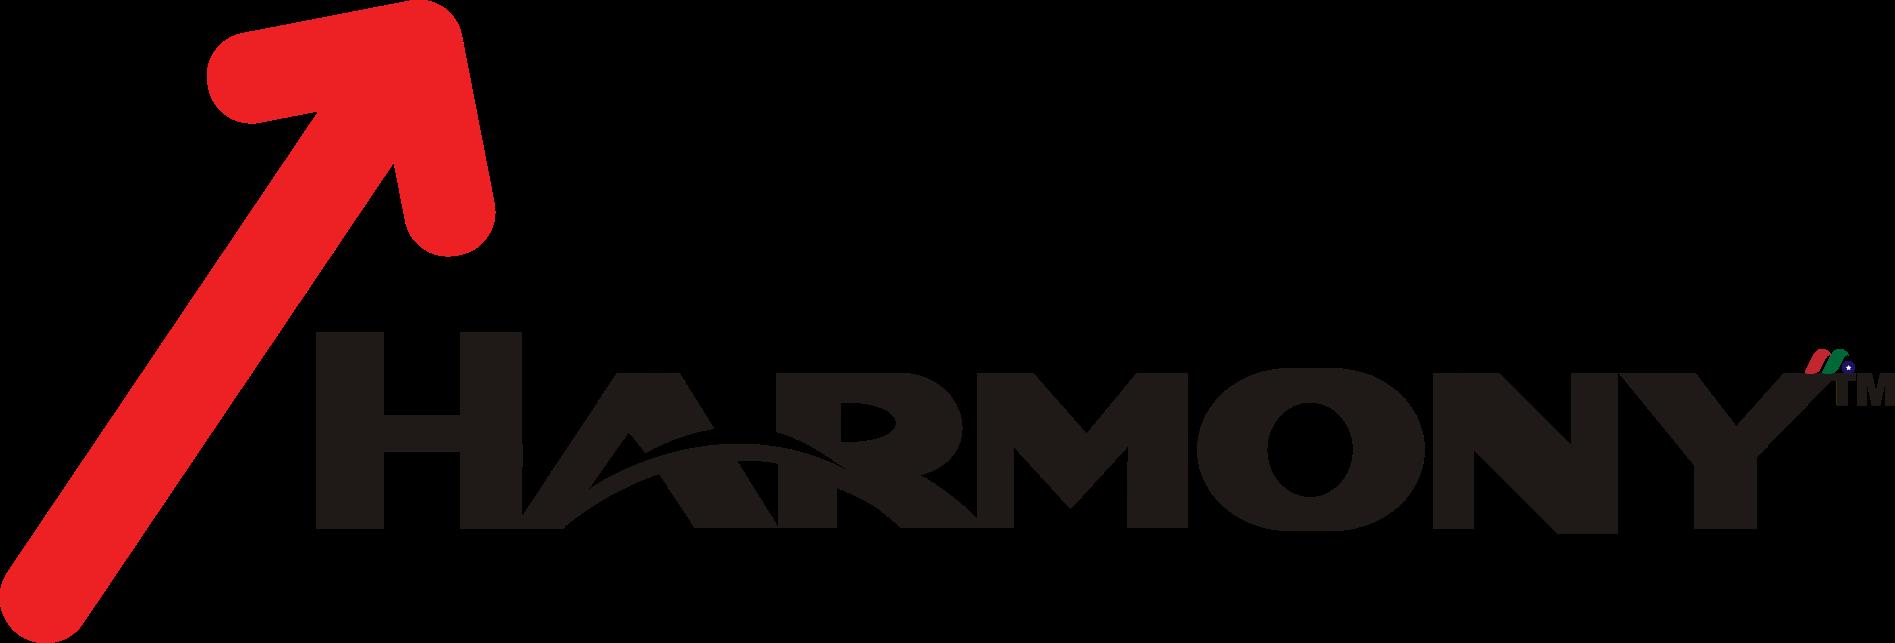 Harmony Gold Mining Company Limited HMY Logo